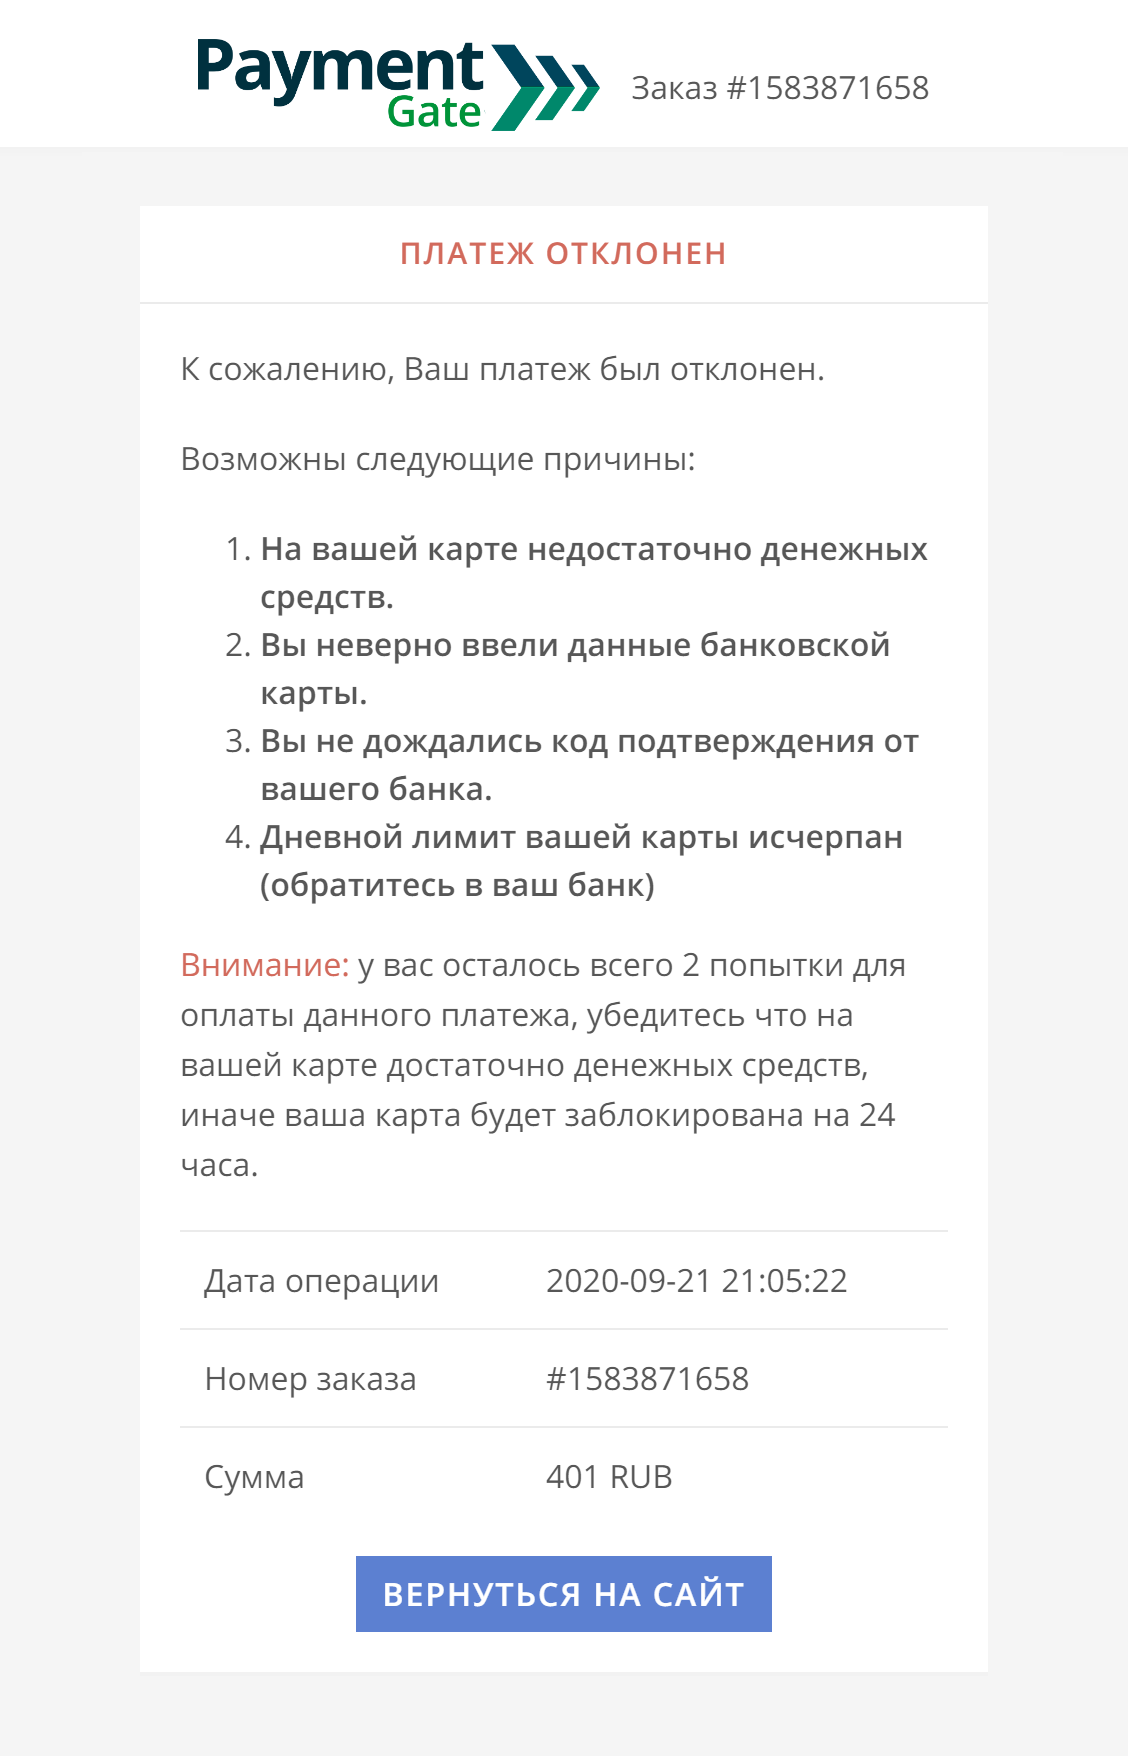 Сайт сообщил об ошибке и предложил повторить операцию, но деньги уже были списаны